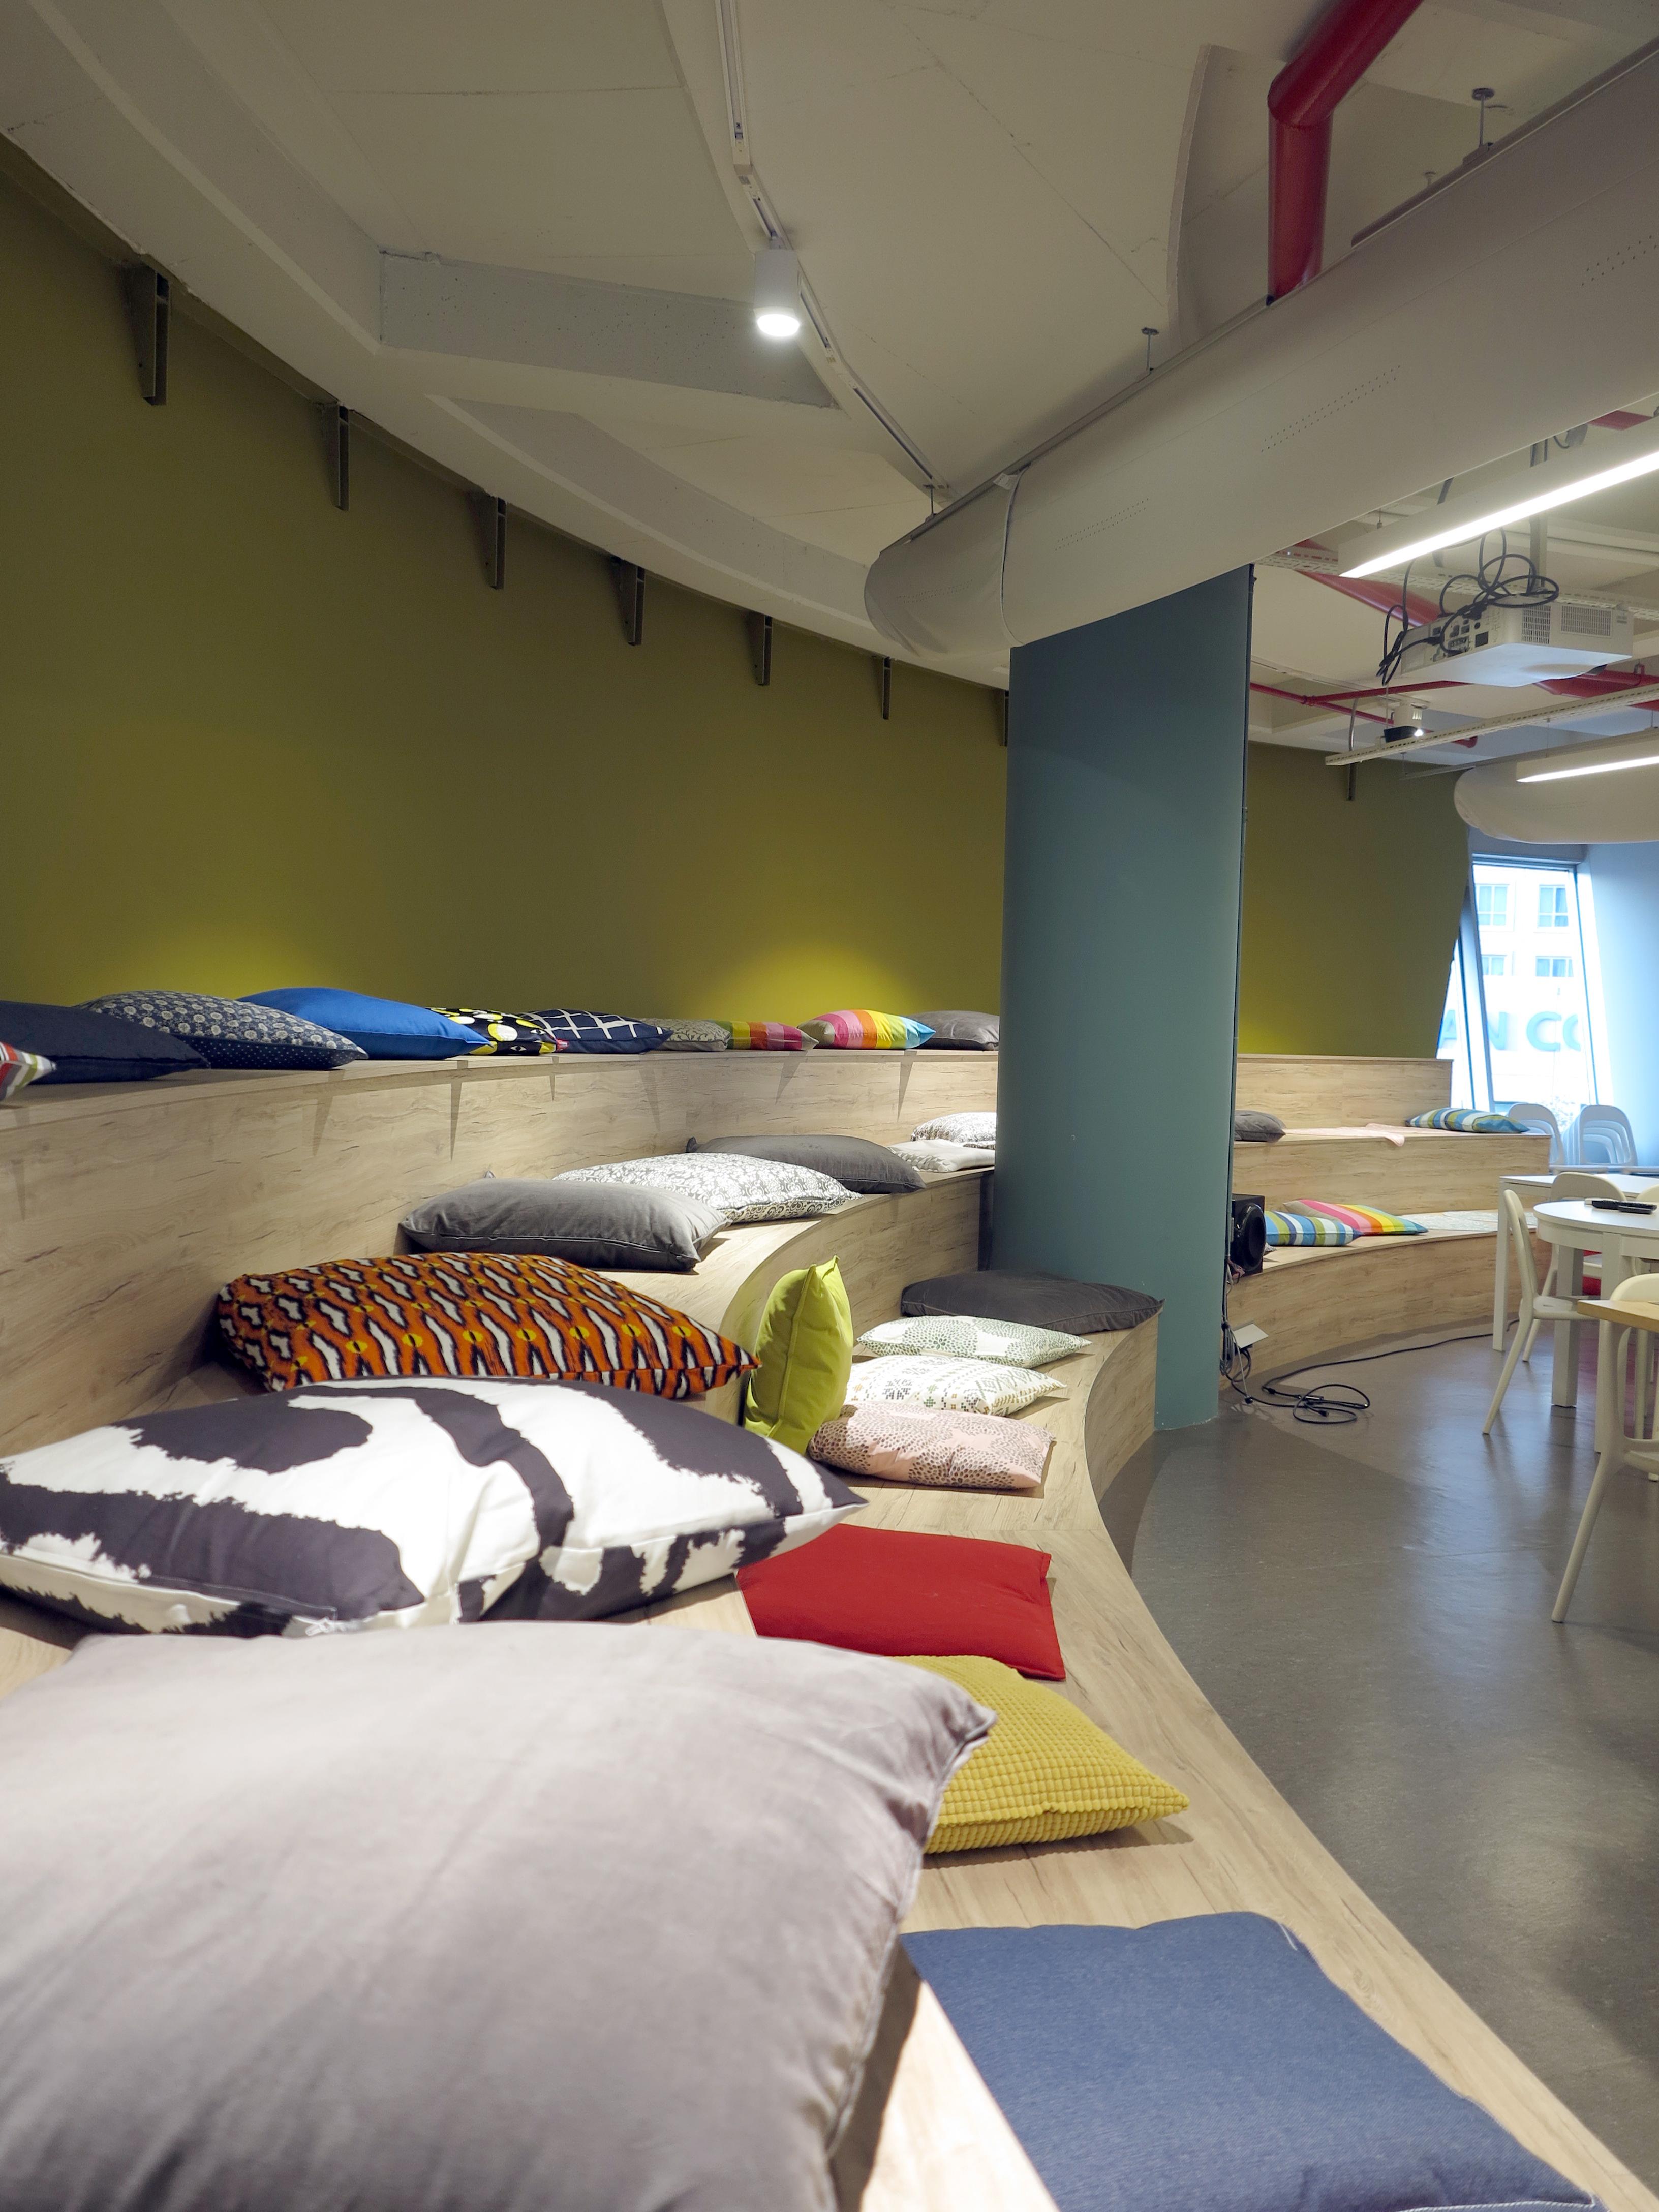 IKEA satınalma ofisi Mobilya ürün fotoğrafı